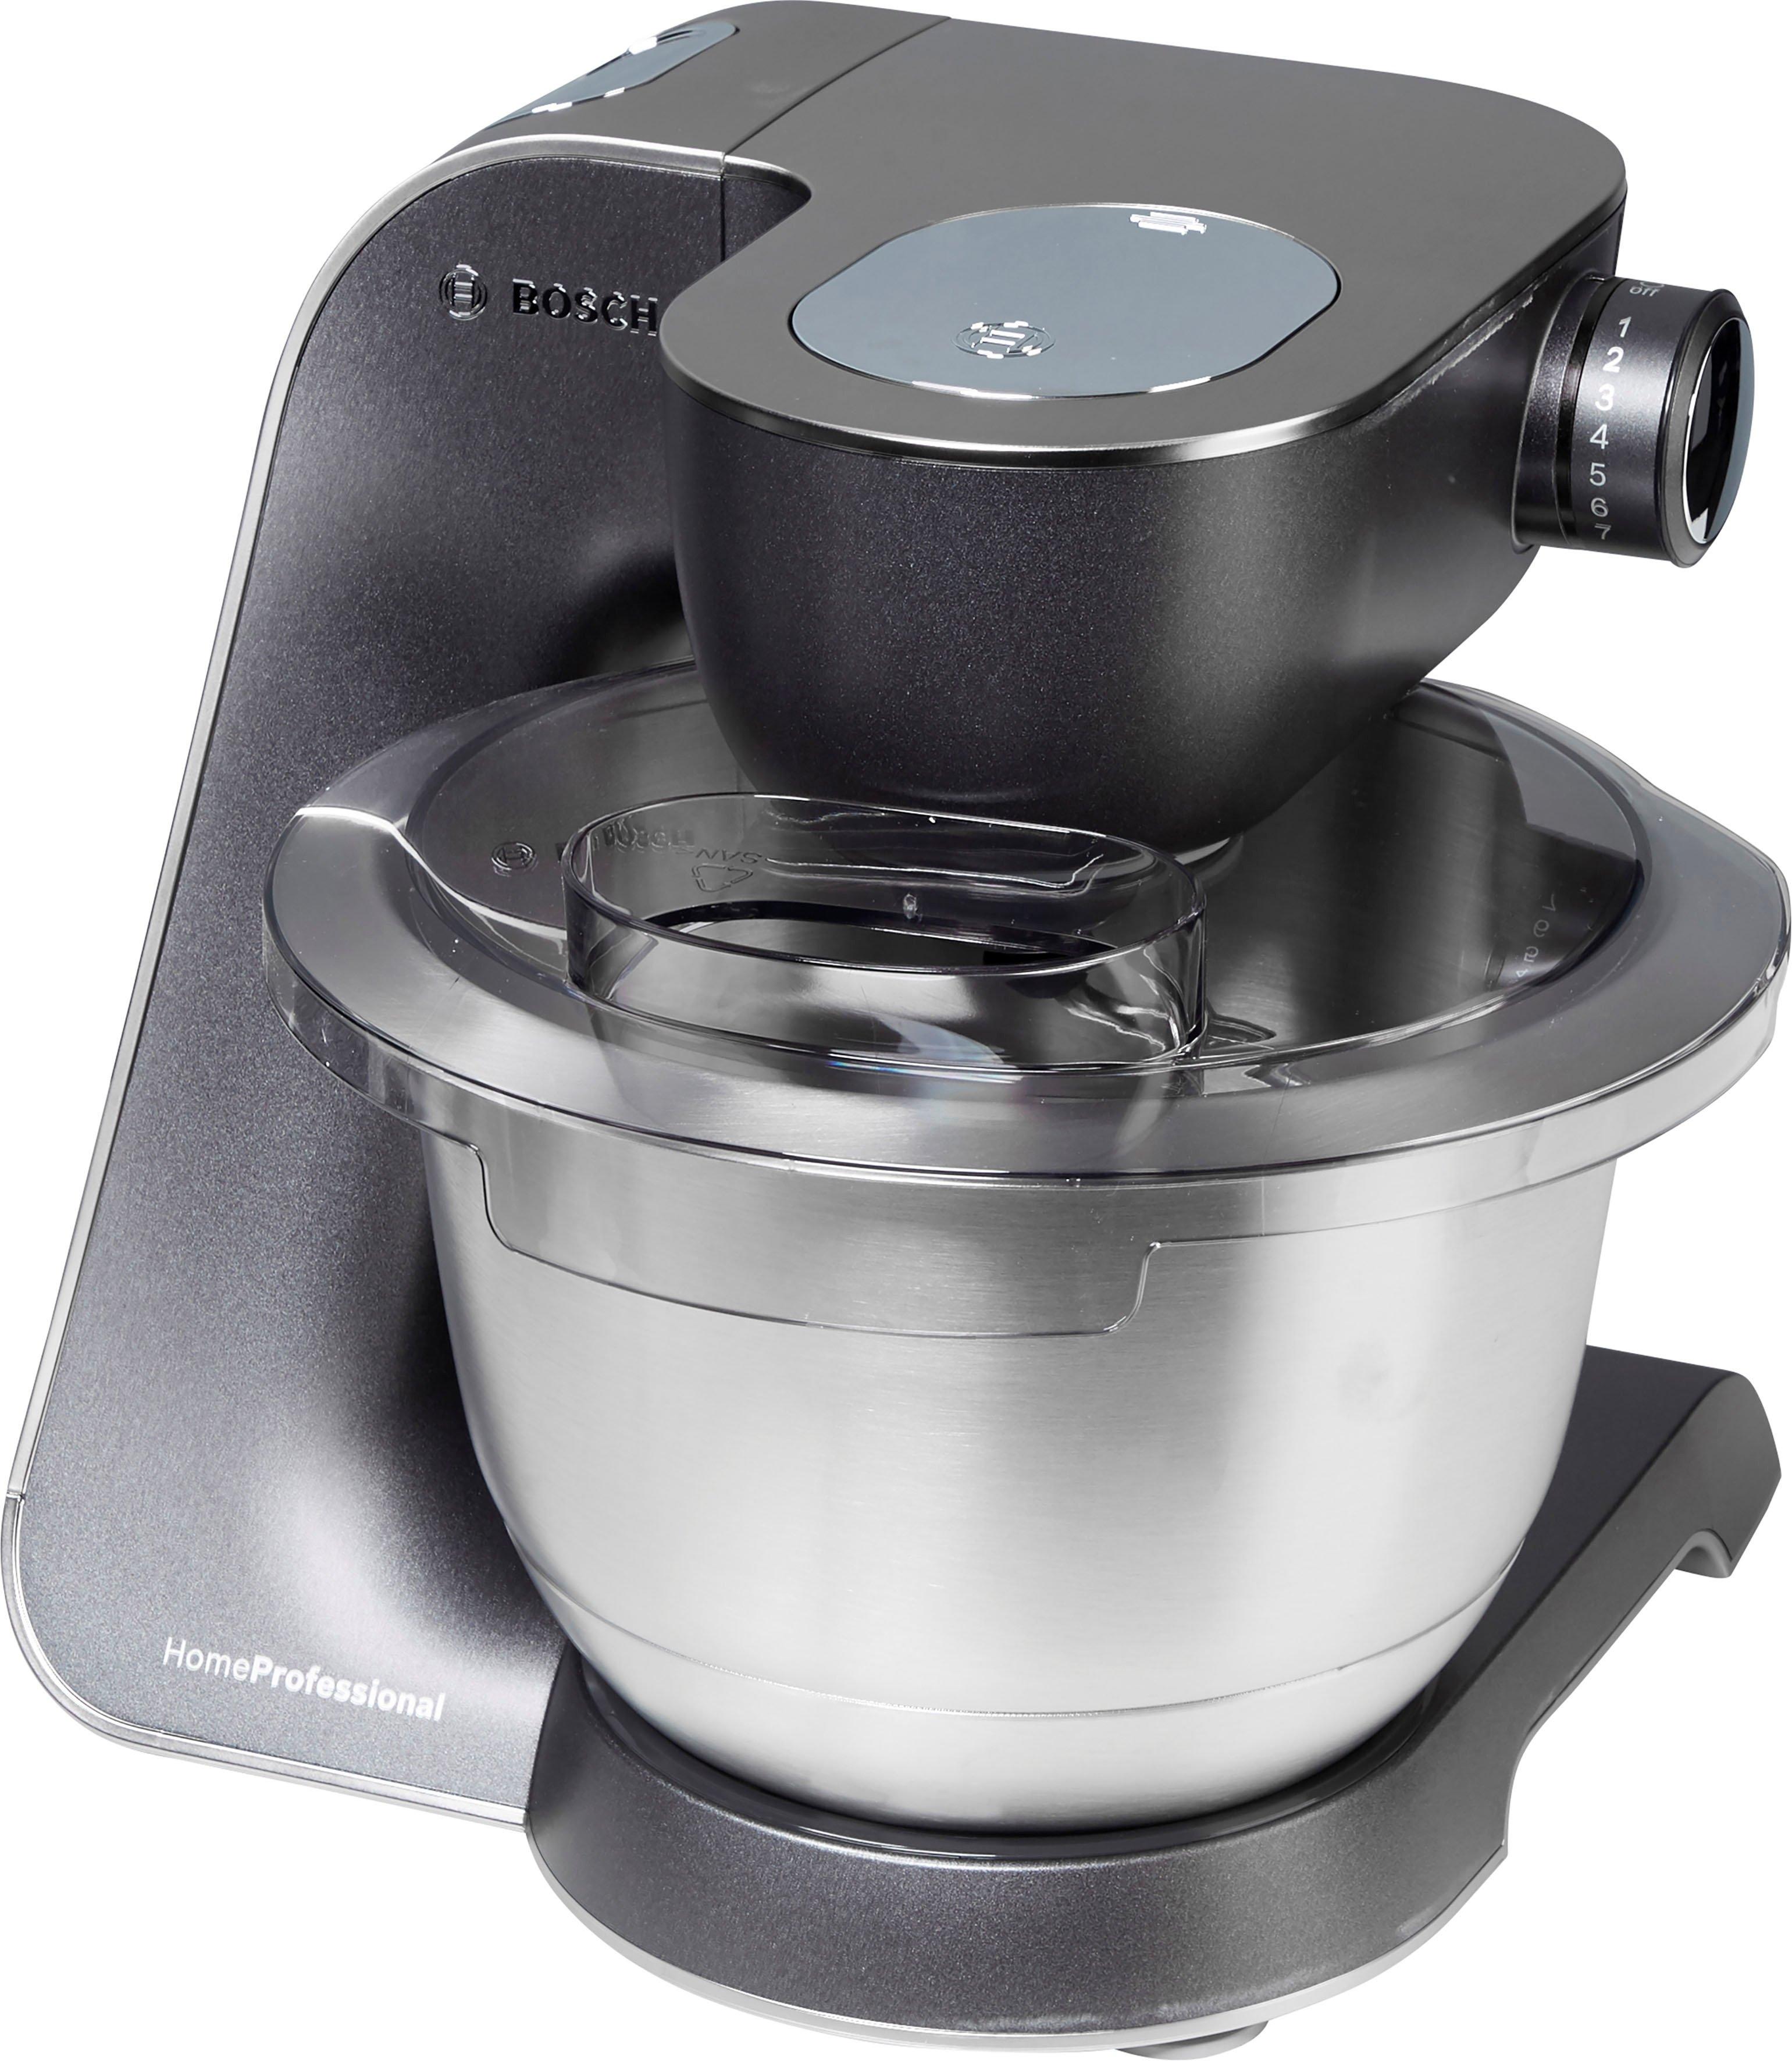 BOSCH keukenmachine MUM5, HomeProfessional MUM57860 veelzijdig te gebruiken, continu rasp- en snijapparaat, 3 raspschijven, citruspers, vleesmolen, mixer, edelstaal/zilver voordelig en veilig online kopen